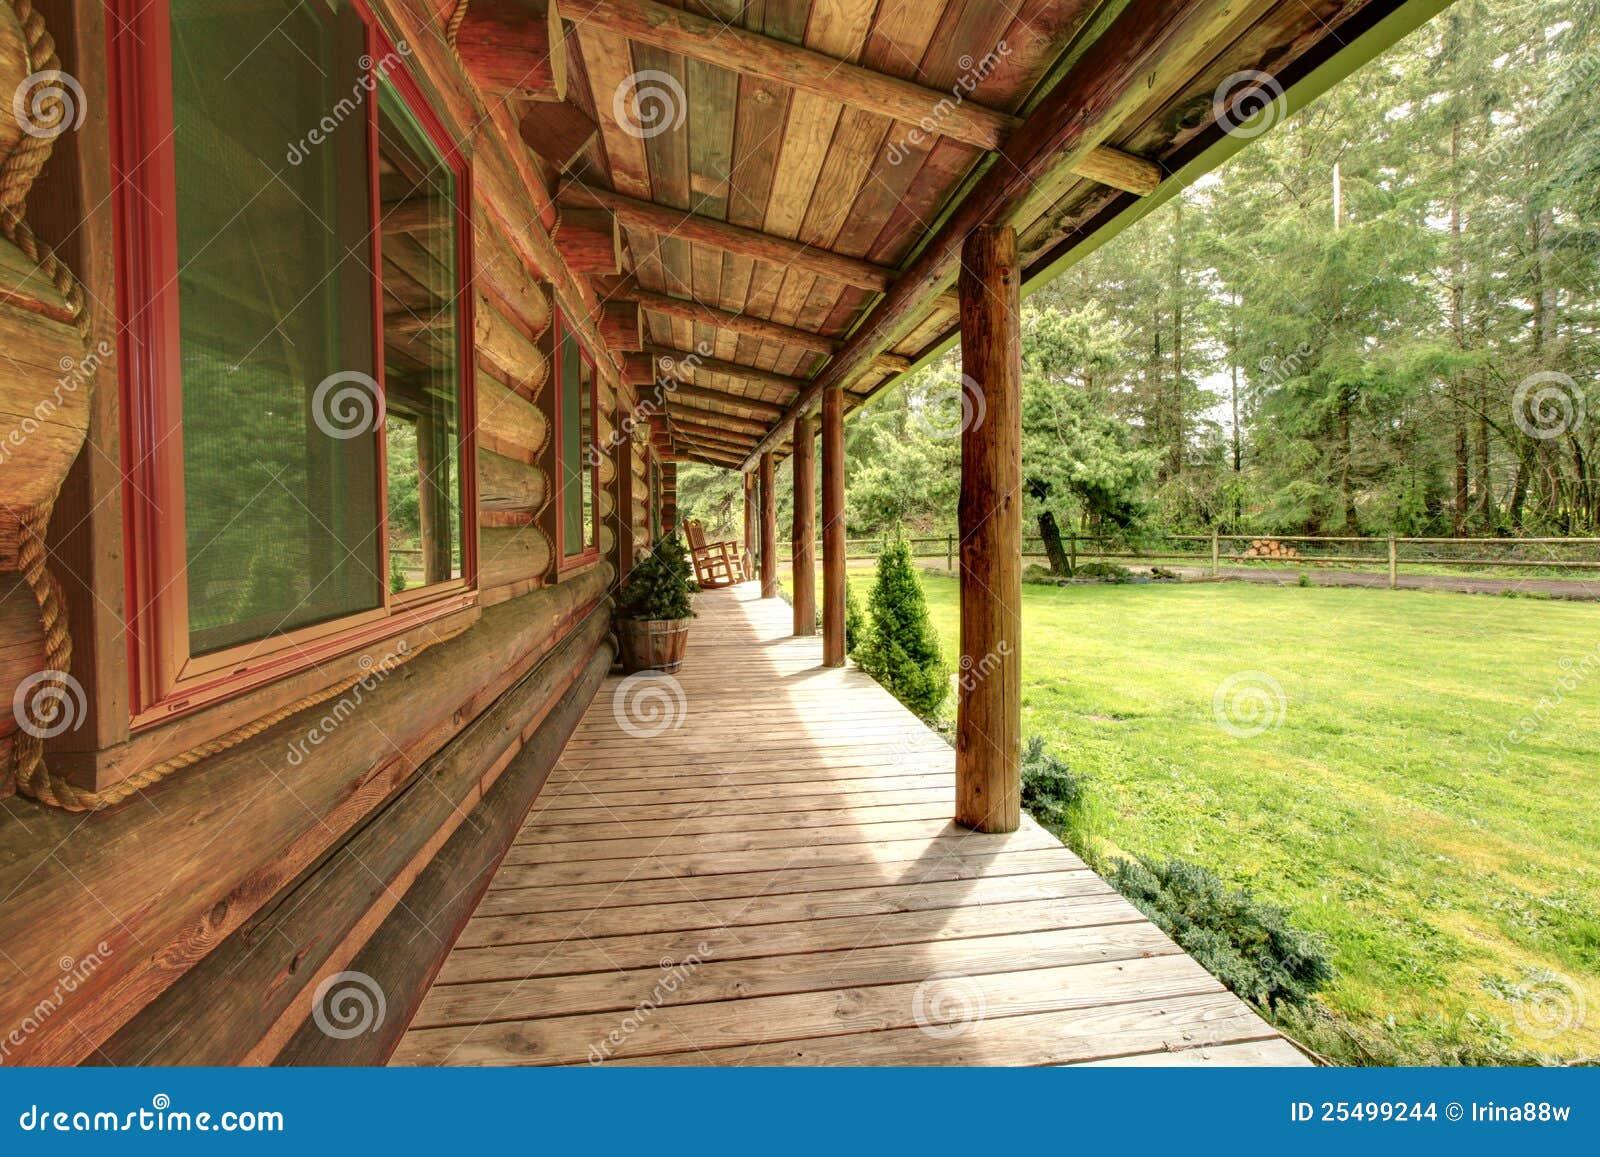 Perron de la vieille cabine de log rustique.